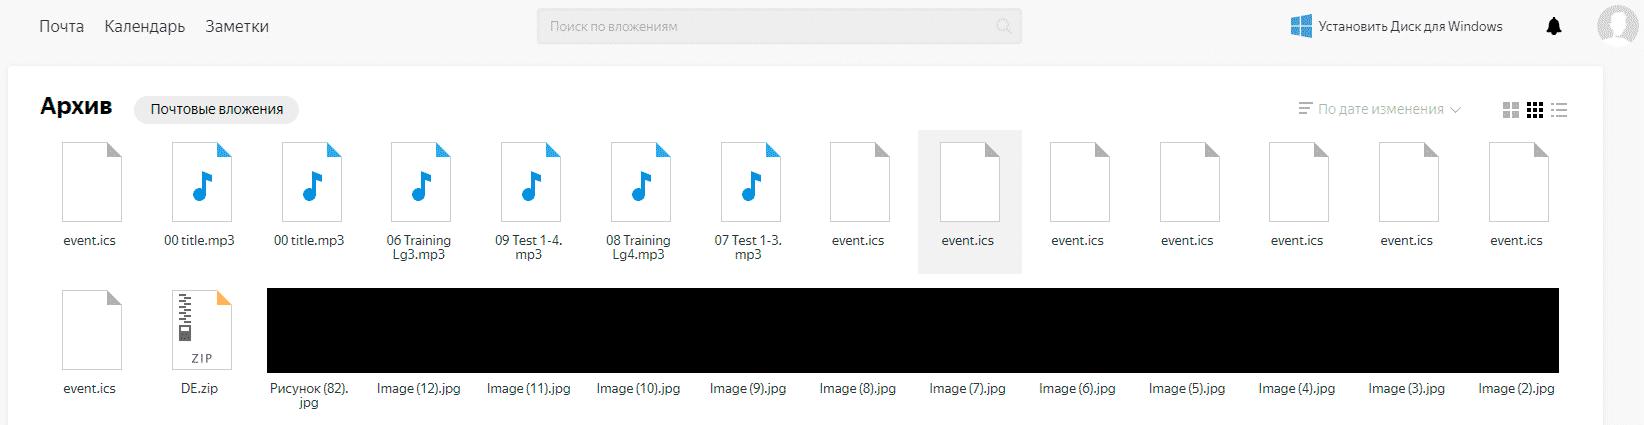 Плюсы и минусы Яндекс.Диск: содержимое электронной почты